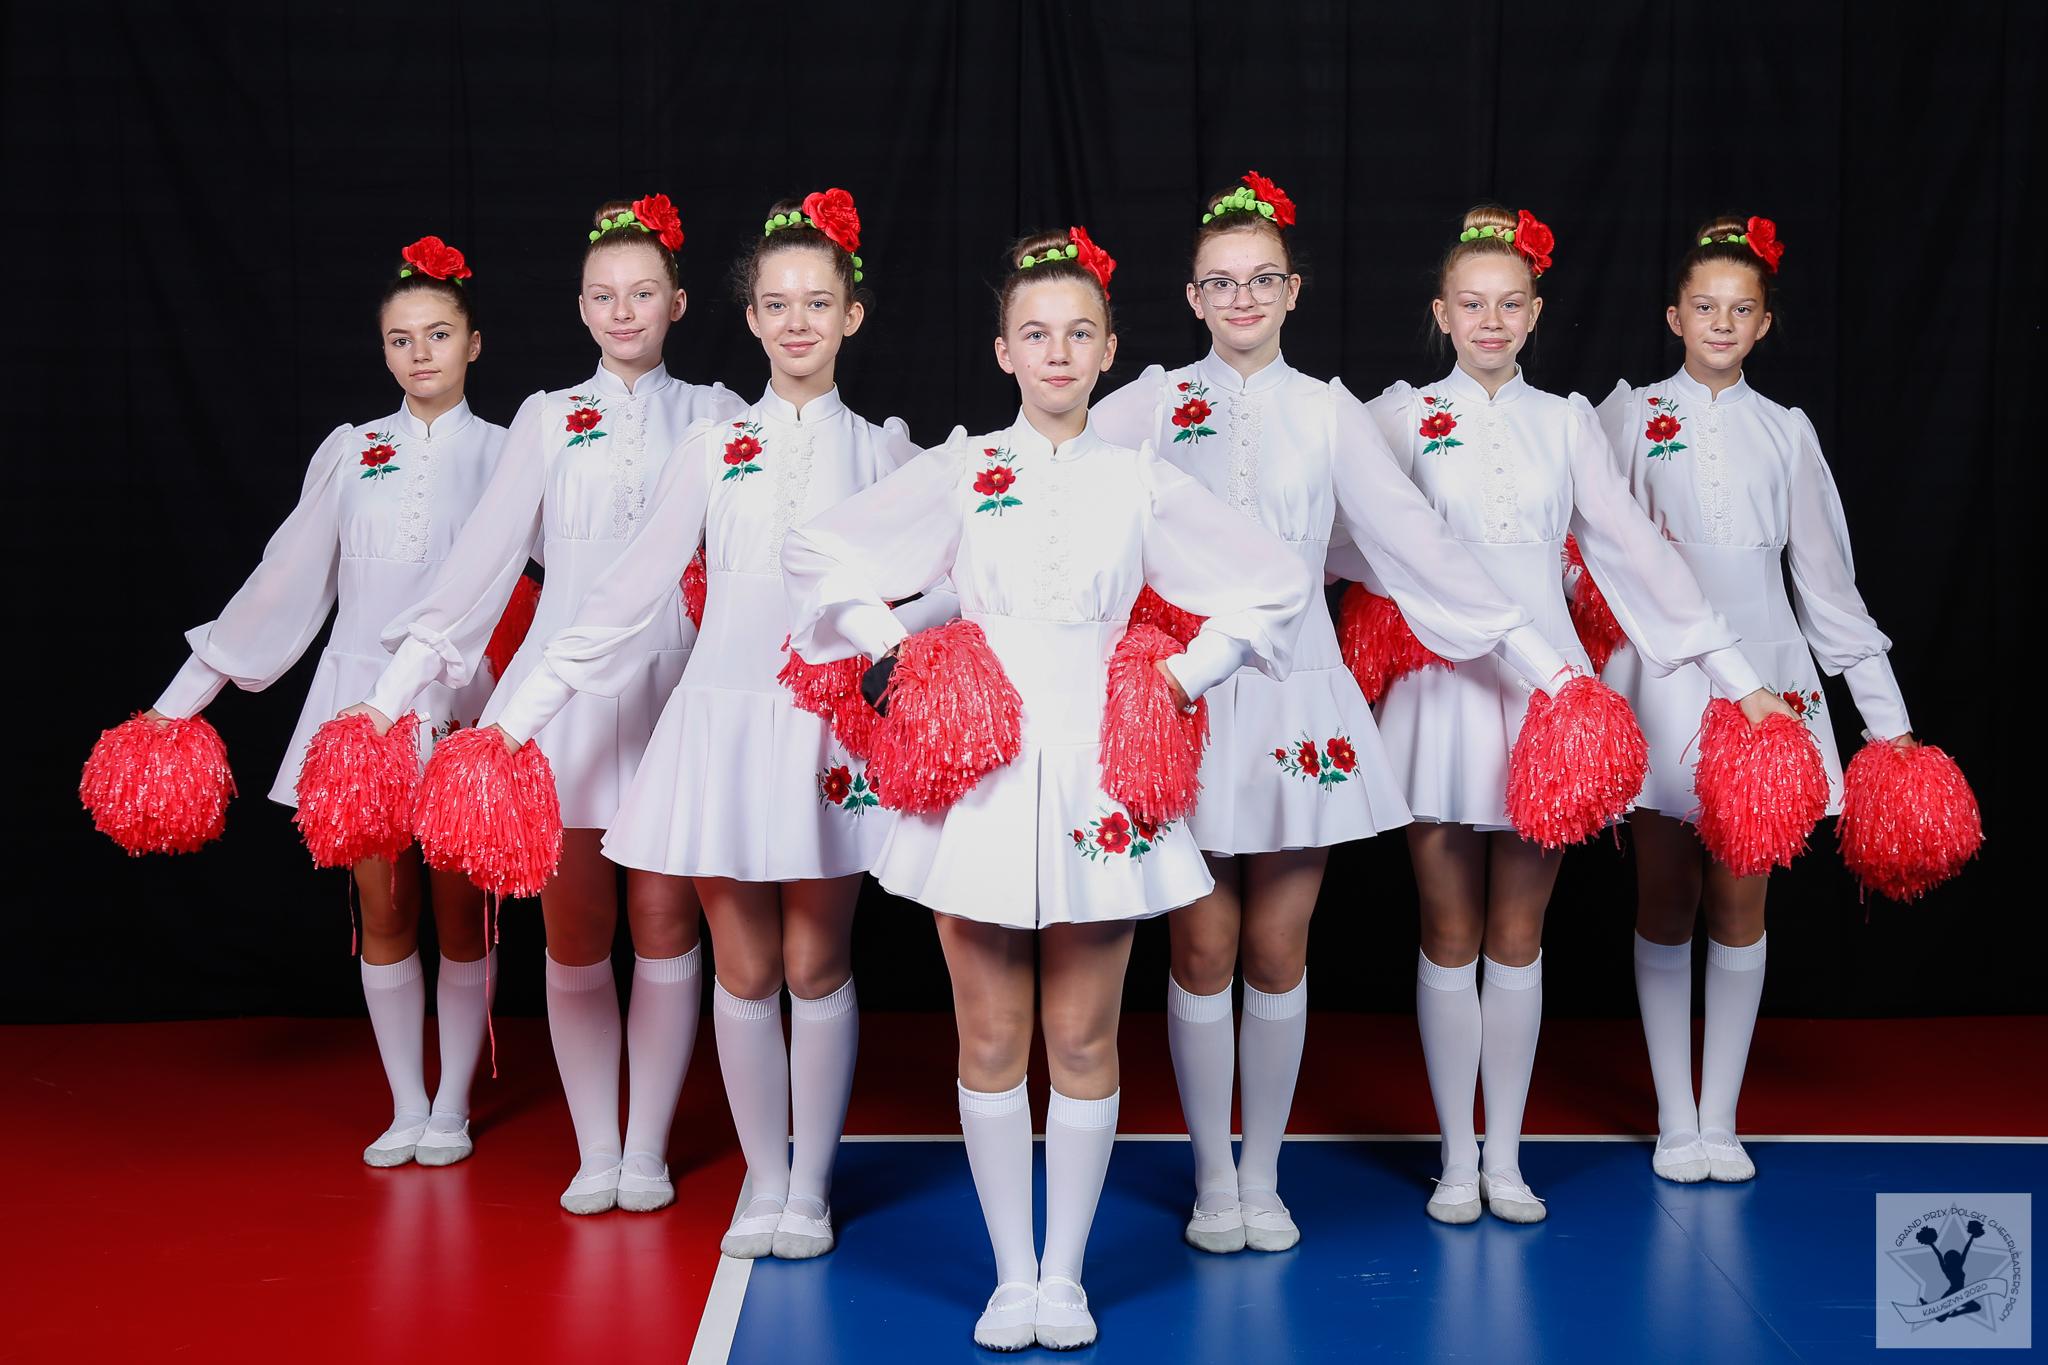 III Otwarty Turniej Zespołów Cheerleaders - Cegłów/Kałuszyn 2020